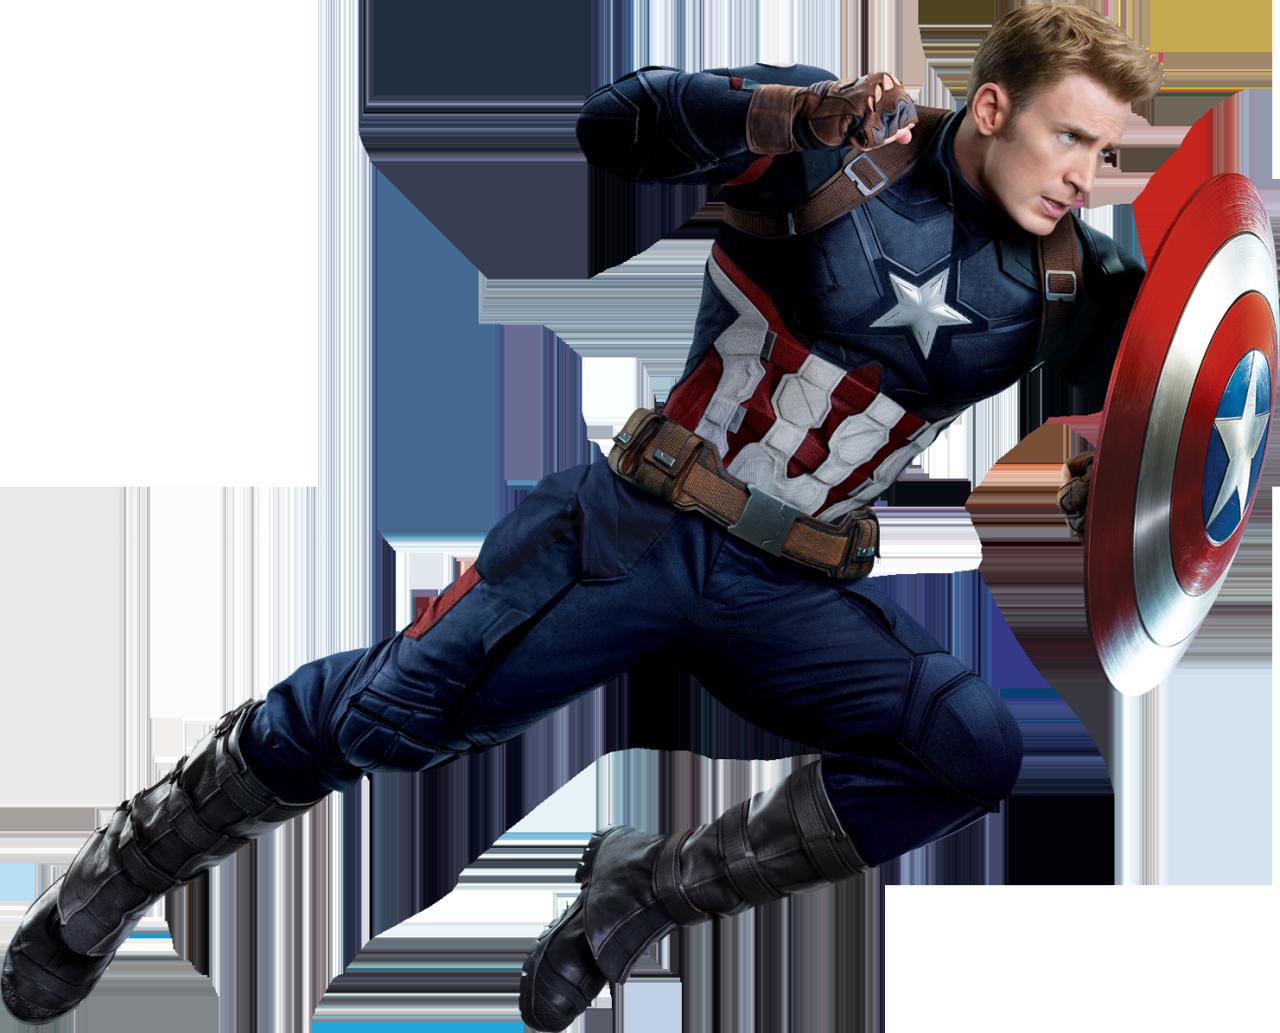 10 New Captain America Civil War Images Captain America Captain America Costume Captain America Winter Soldier